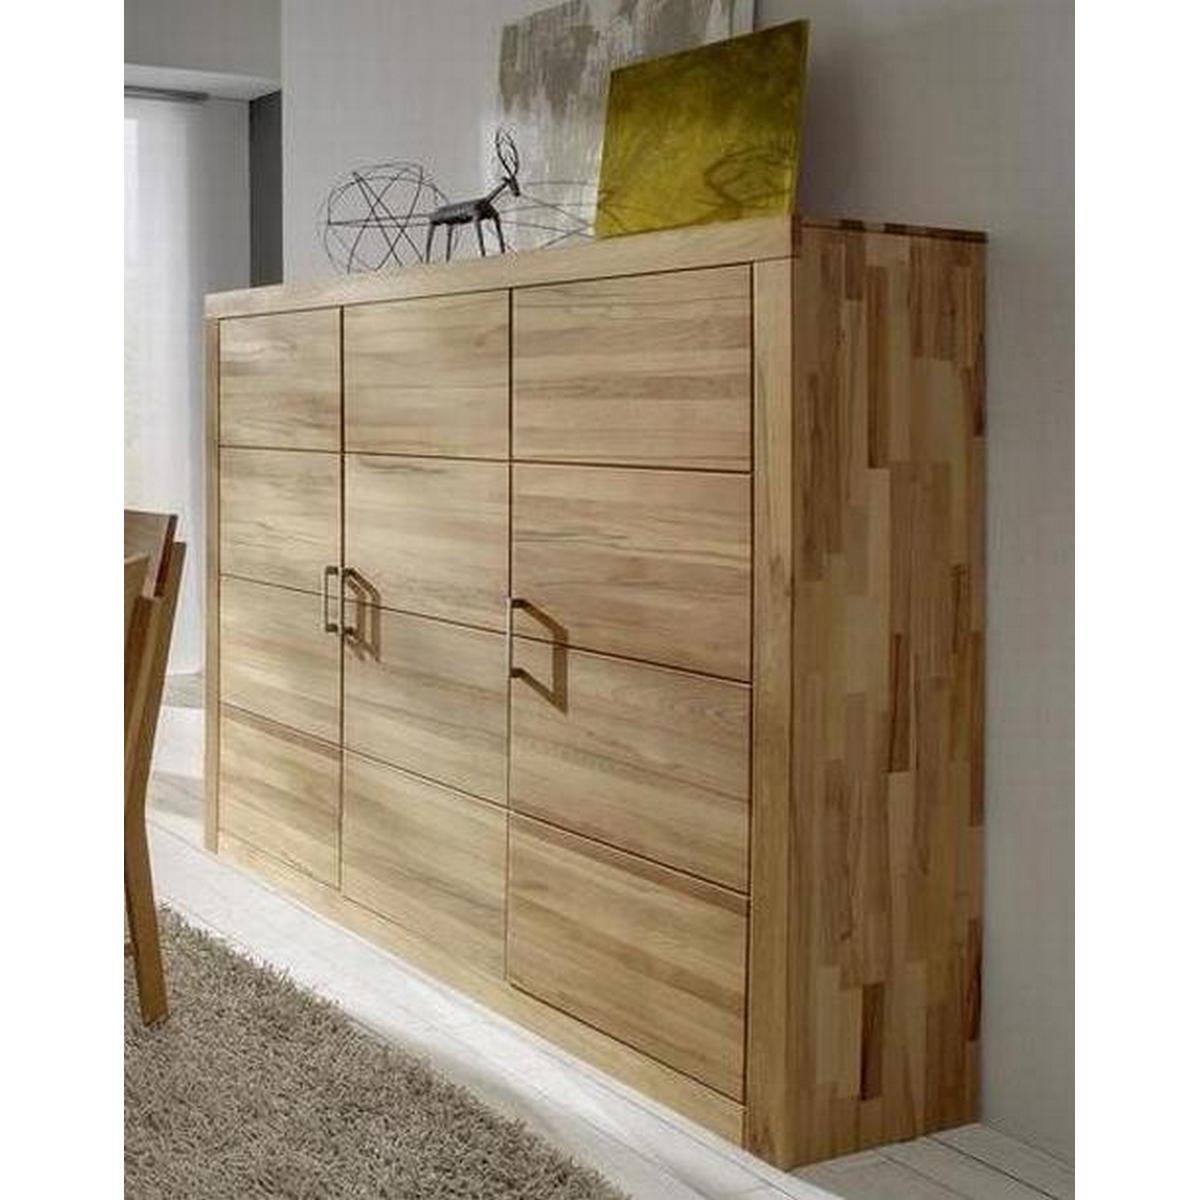 wohnzimmer highboard holz kernbuche massiv ge lt iia jale. Black Bedroom Furniture Sets. Home Design Ideas